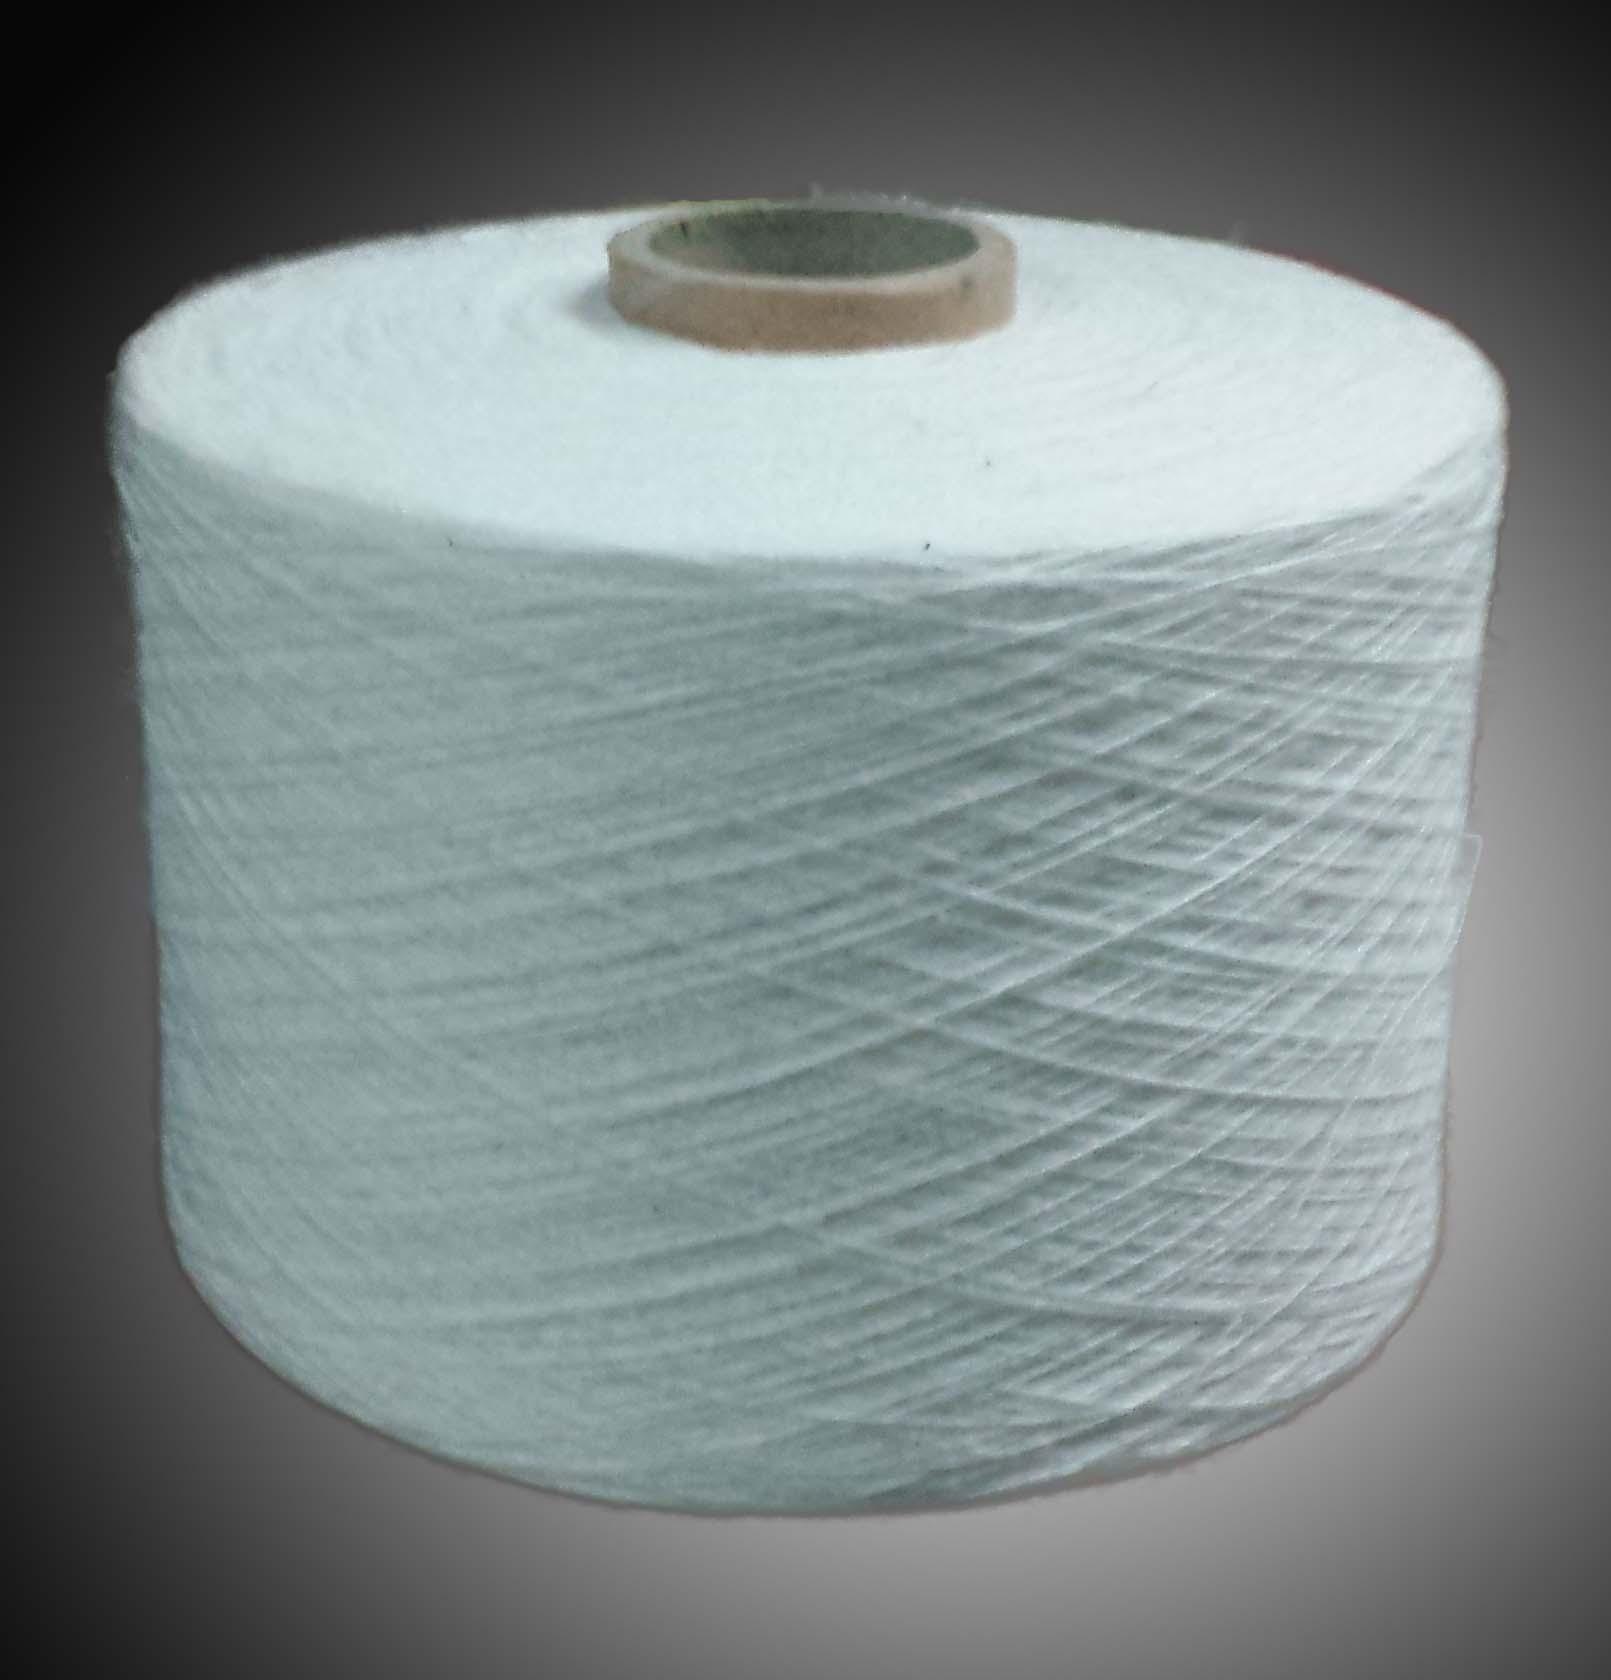 Sợi trắng tẩy làm khăn